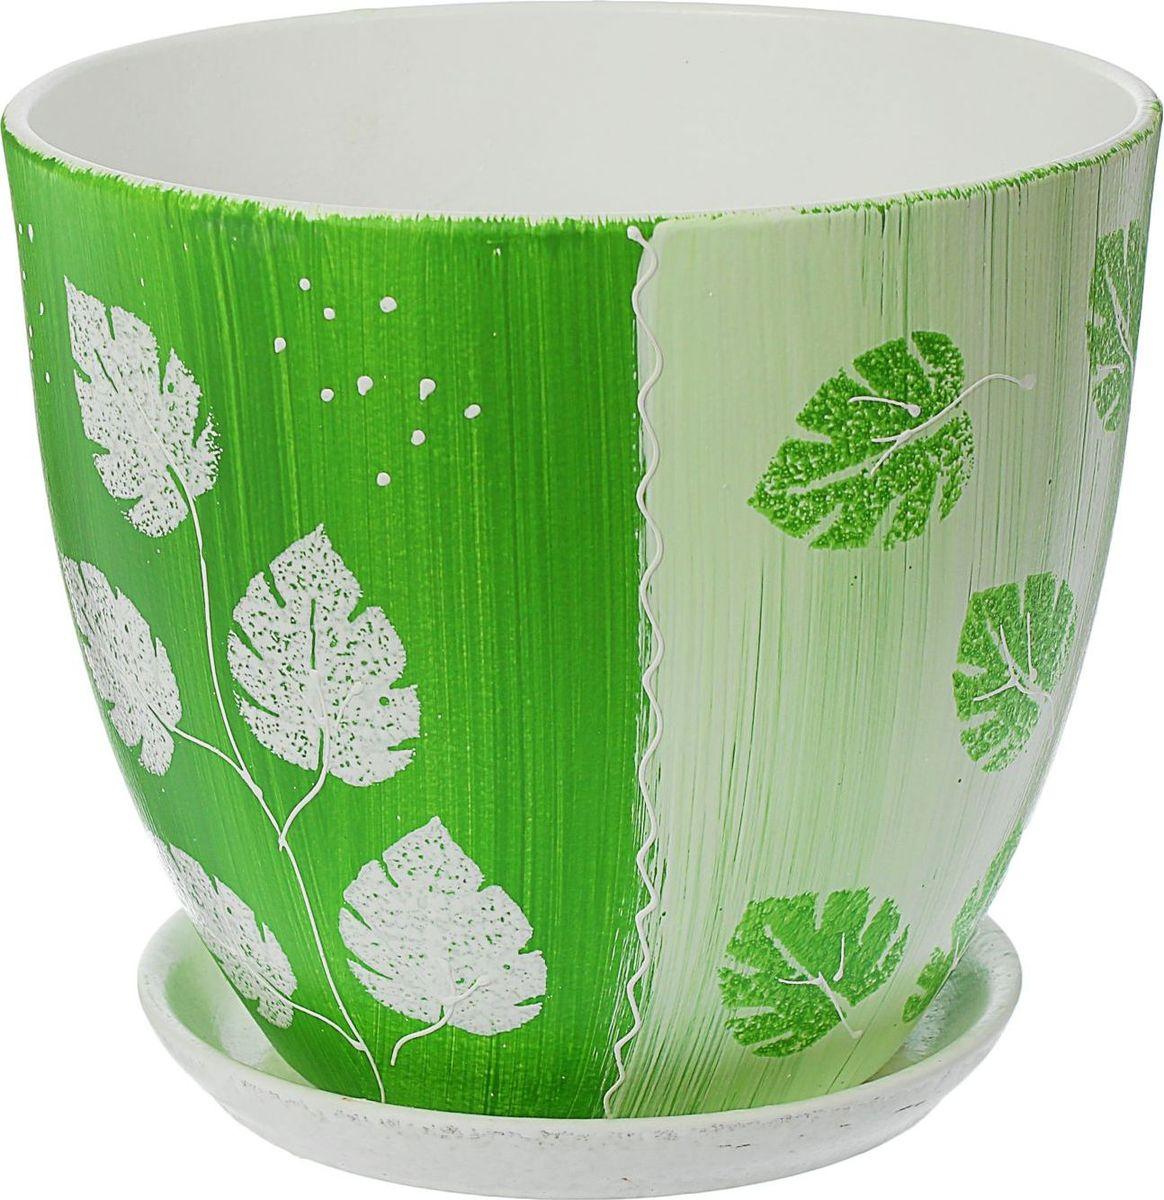 Кашпо Акварель, цвет: зеленый, 8,5 л1437932Комнатные растения — всеобщие любимцы. Они радуют глаз, насыщают помещение кислородом и украшают пространство. Каждому из них необходим свой удобный и красивый дом. Кашпо из керамики прекрасно подходят для высадки растений: за счёт пластичности глины и разных способов обработки существует великое множество форм и дизайновпористый материал позволяет испаряться лишней влагевоздух, необходимый для дыхания корней, проникает сквозь керамические стенки! #name# позаботится о зелёном питомце, освежит интерьер и подчеркнёт его стиль.